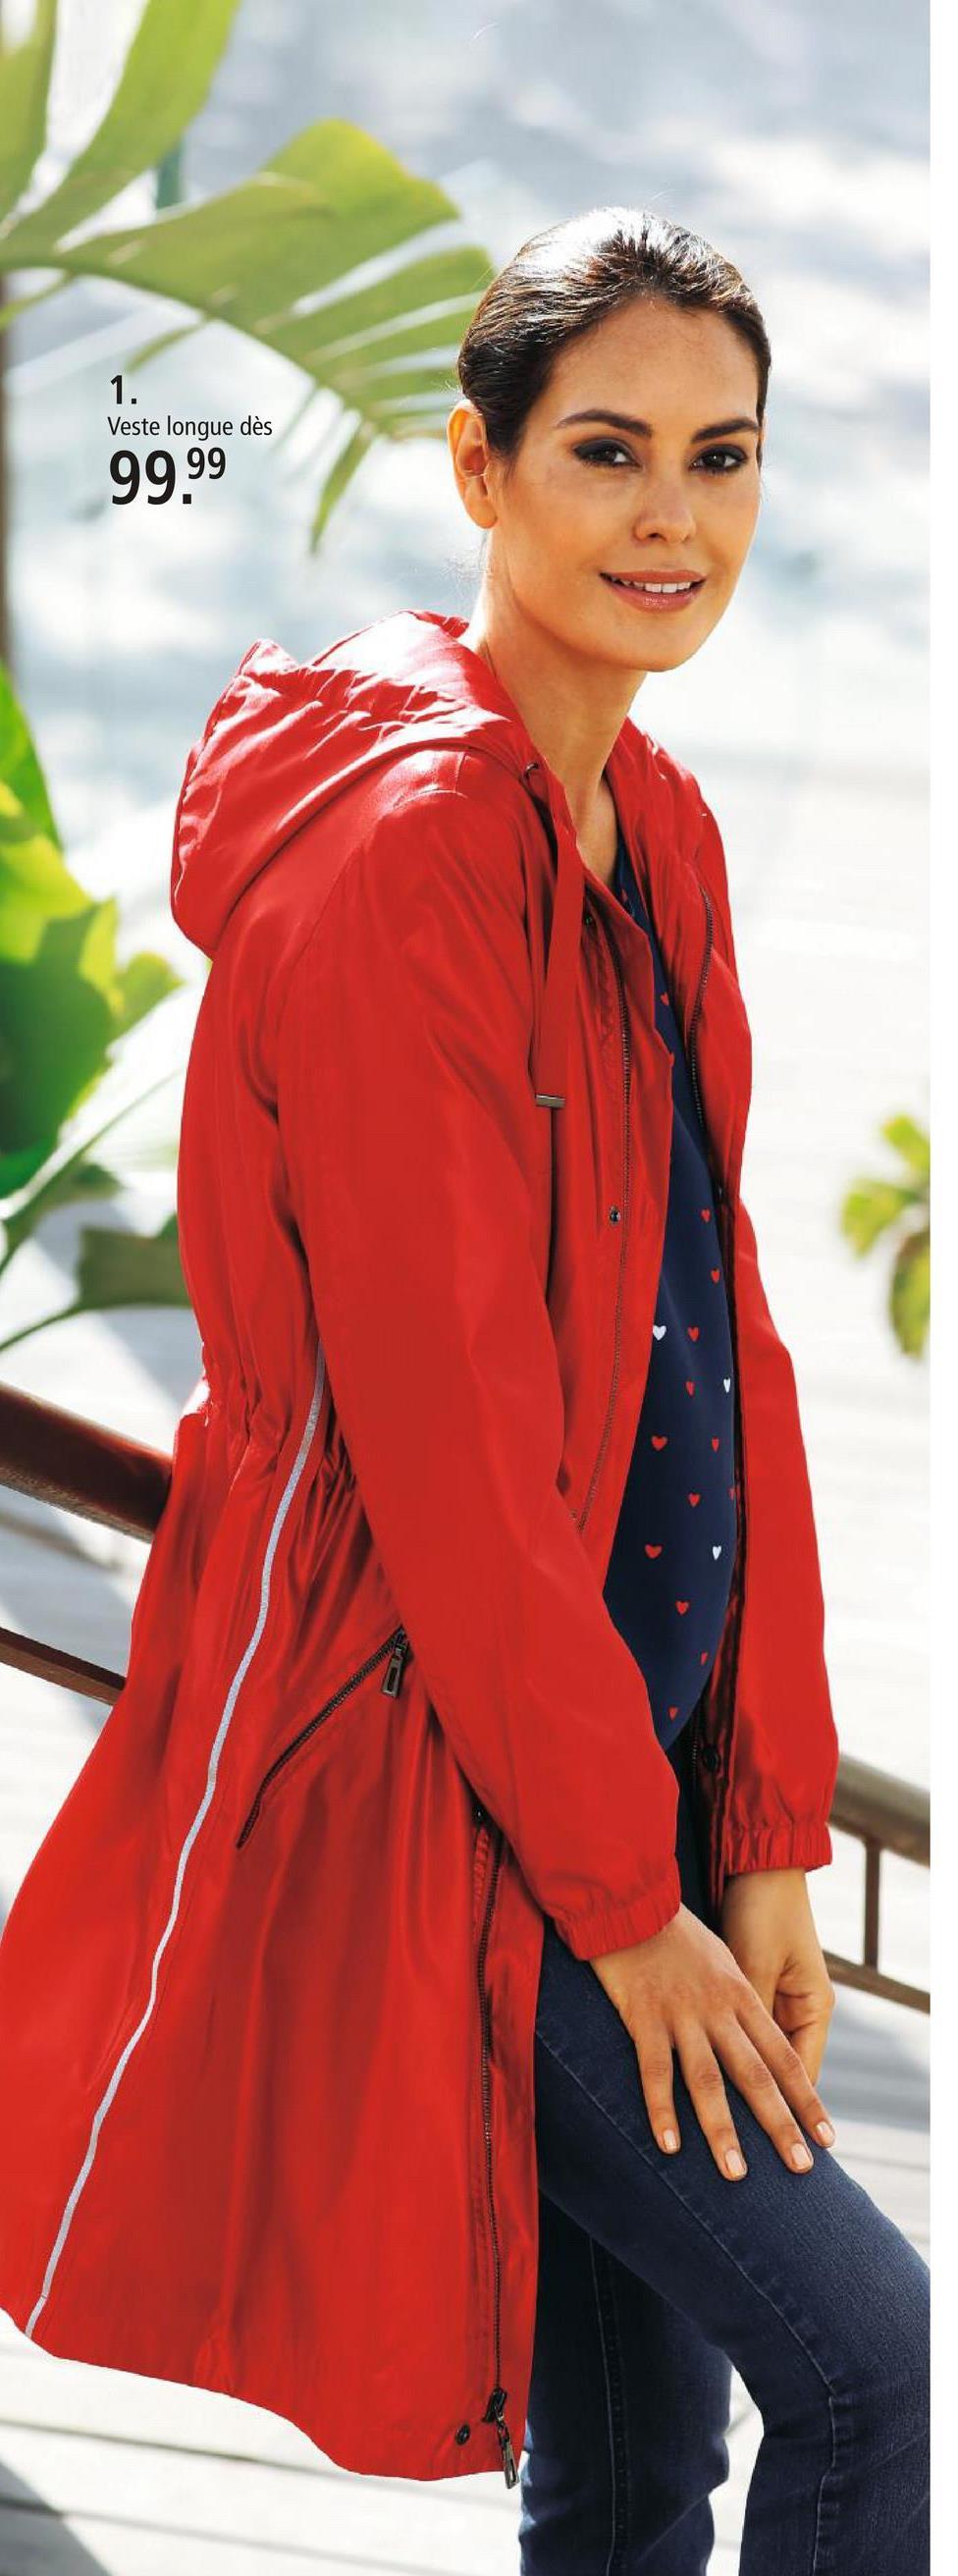 Veste longue Laura Kent Rouge Votre garde-robe ne serait pas complète sans cette veste longue décontractée Laura Kent ou l'un des nombreux autres modèles de notre collection. De plus, des bandes fantaisie ornent la veste. De coupe cintrée à base droite, elle vous donne une allure féminine. Sa fermeture est zippée. Bas des manches élastiqué. Composer une tenue devient un jeu d'enfant grâce à son coloris uni. Elle est composée de fibre synthétique. Vous découvrirez des milliers de produits dans notre boutique en ligne et pourrez y commander cette veste longue Laura Kent que nous enverrons immédiatement chez vous!